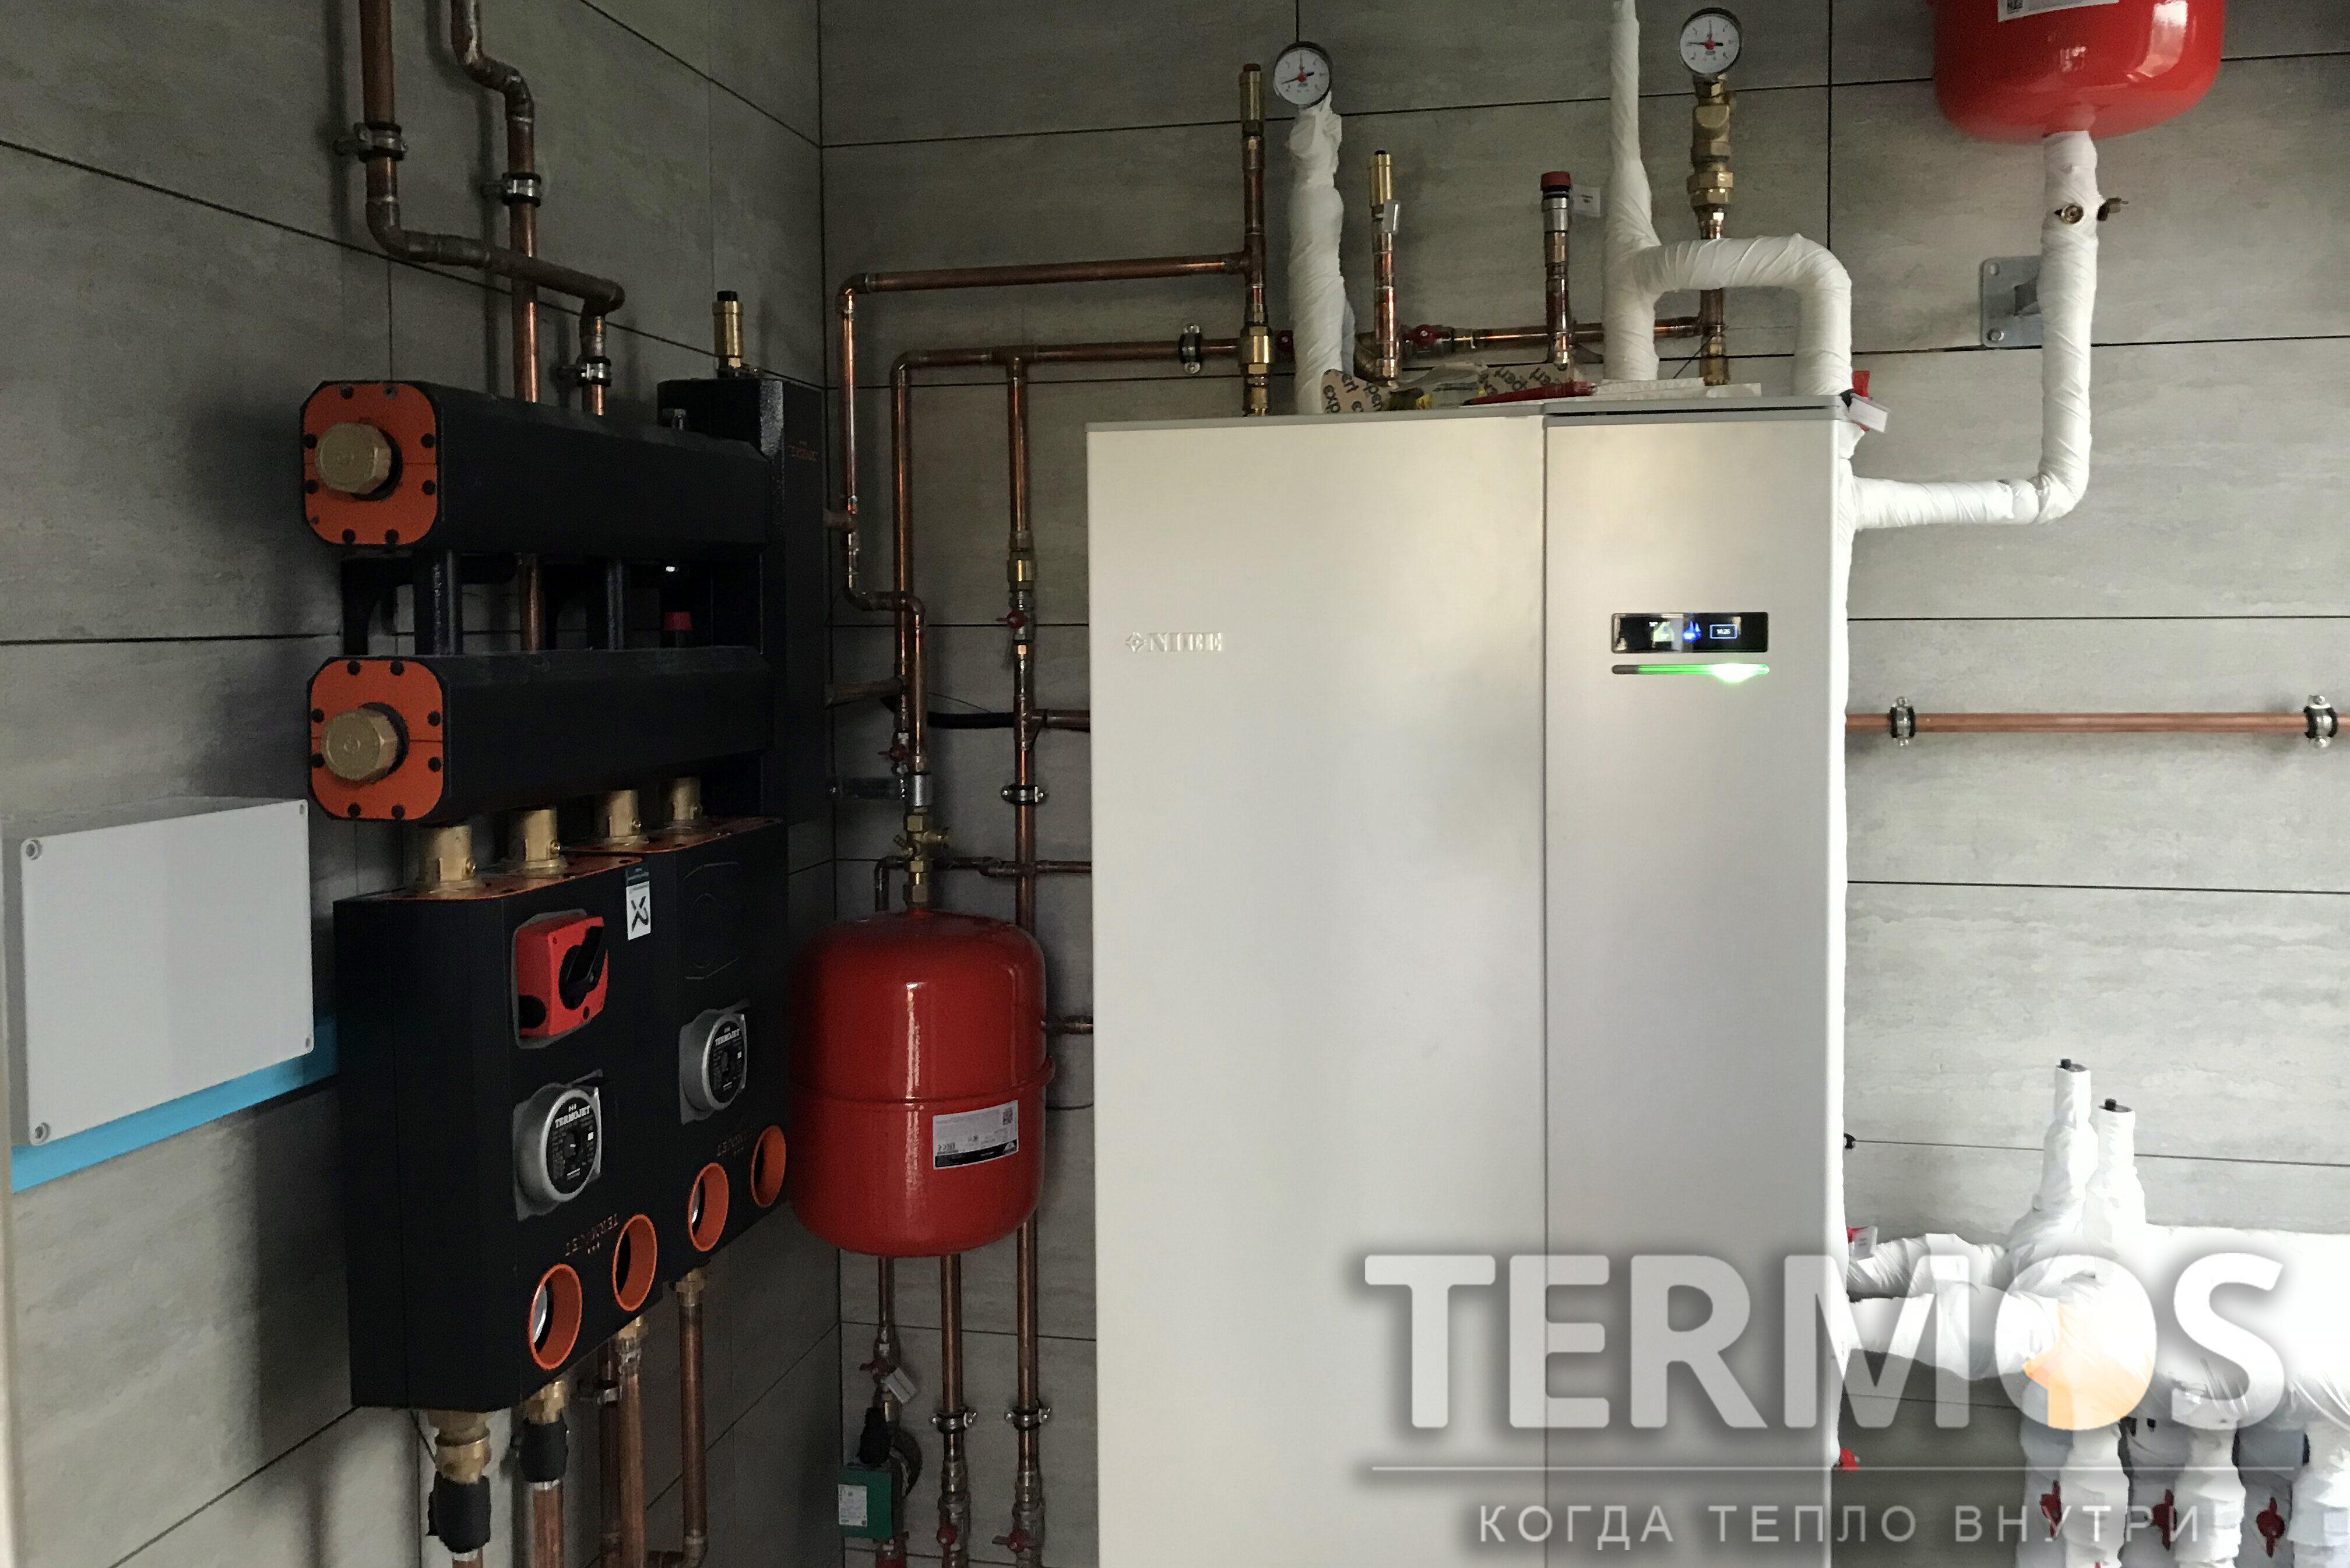 Тепловой насос обеспечивает экономичное отопление радиаторами и теплым полом, приготовление горячей воды, управление через интернет